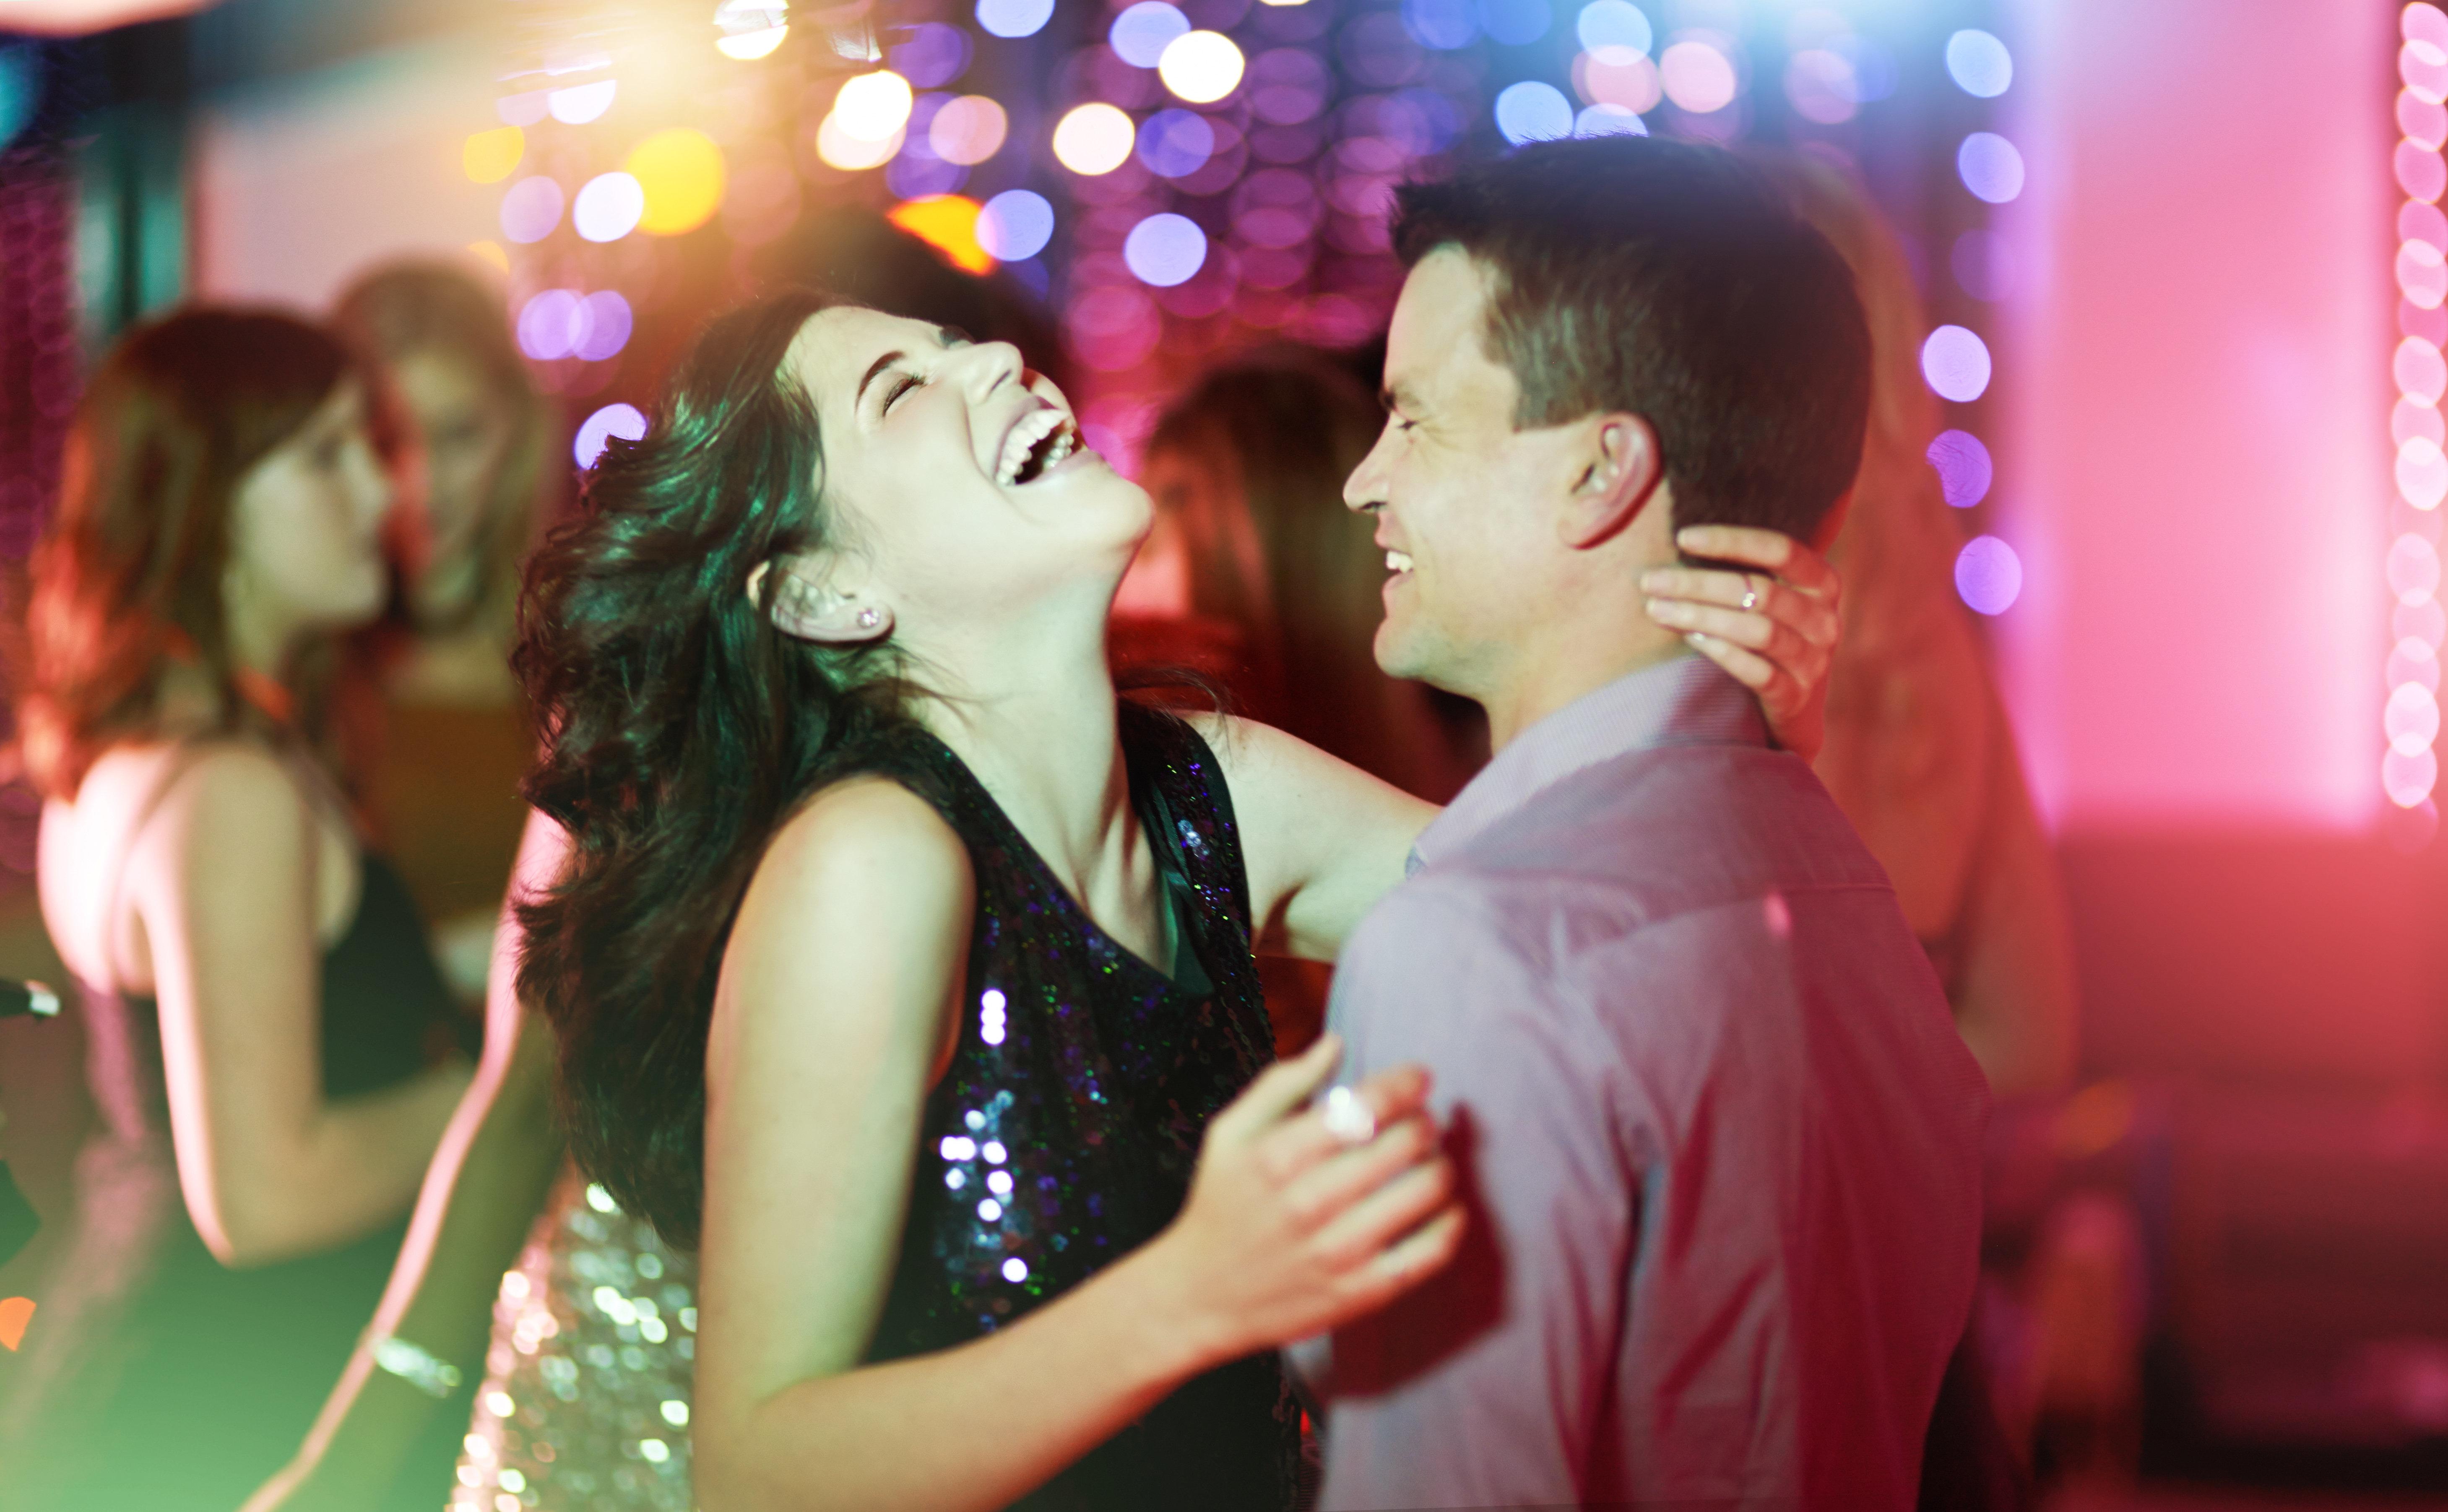 Ιδέες για ένα χρόνο dating